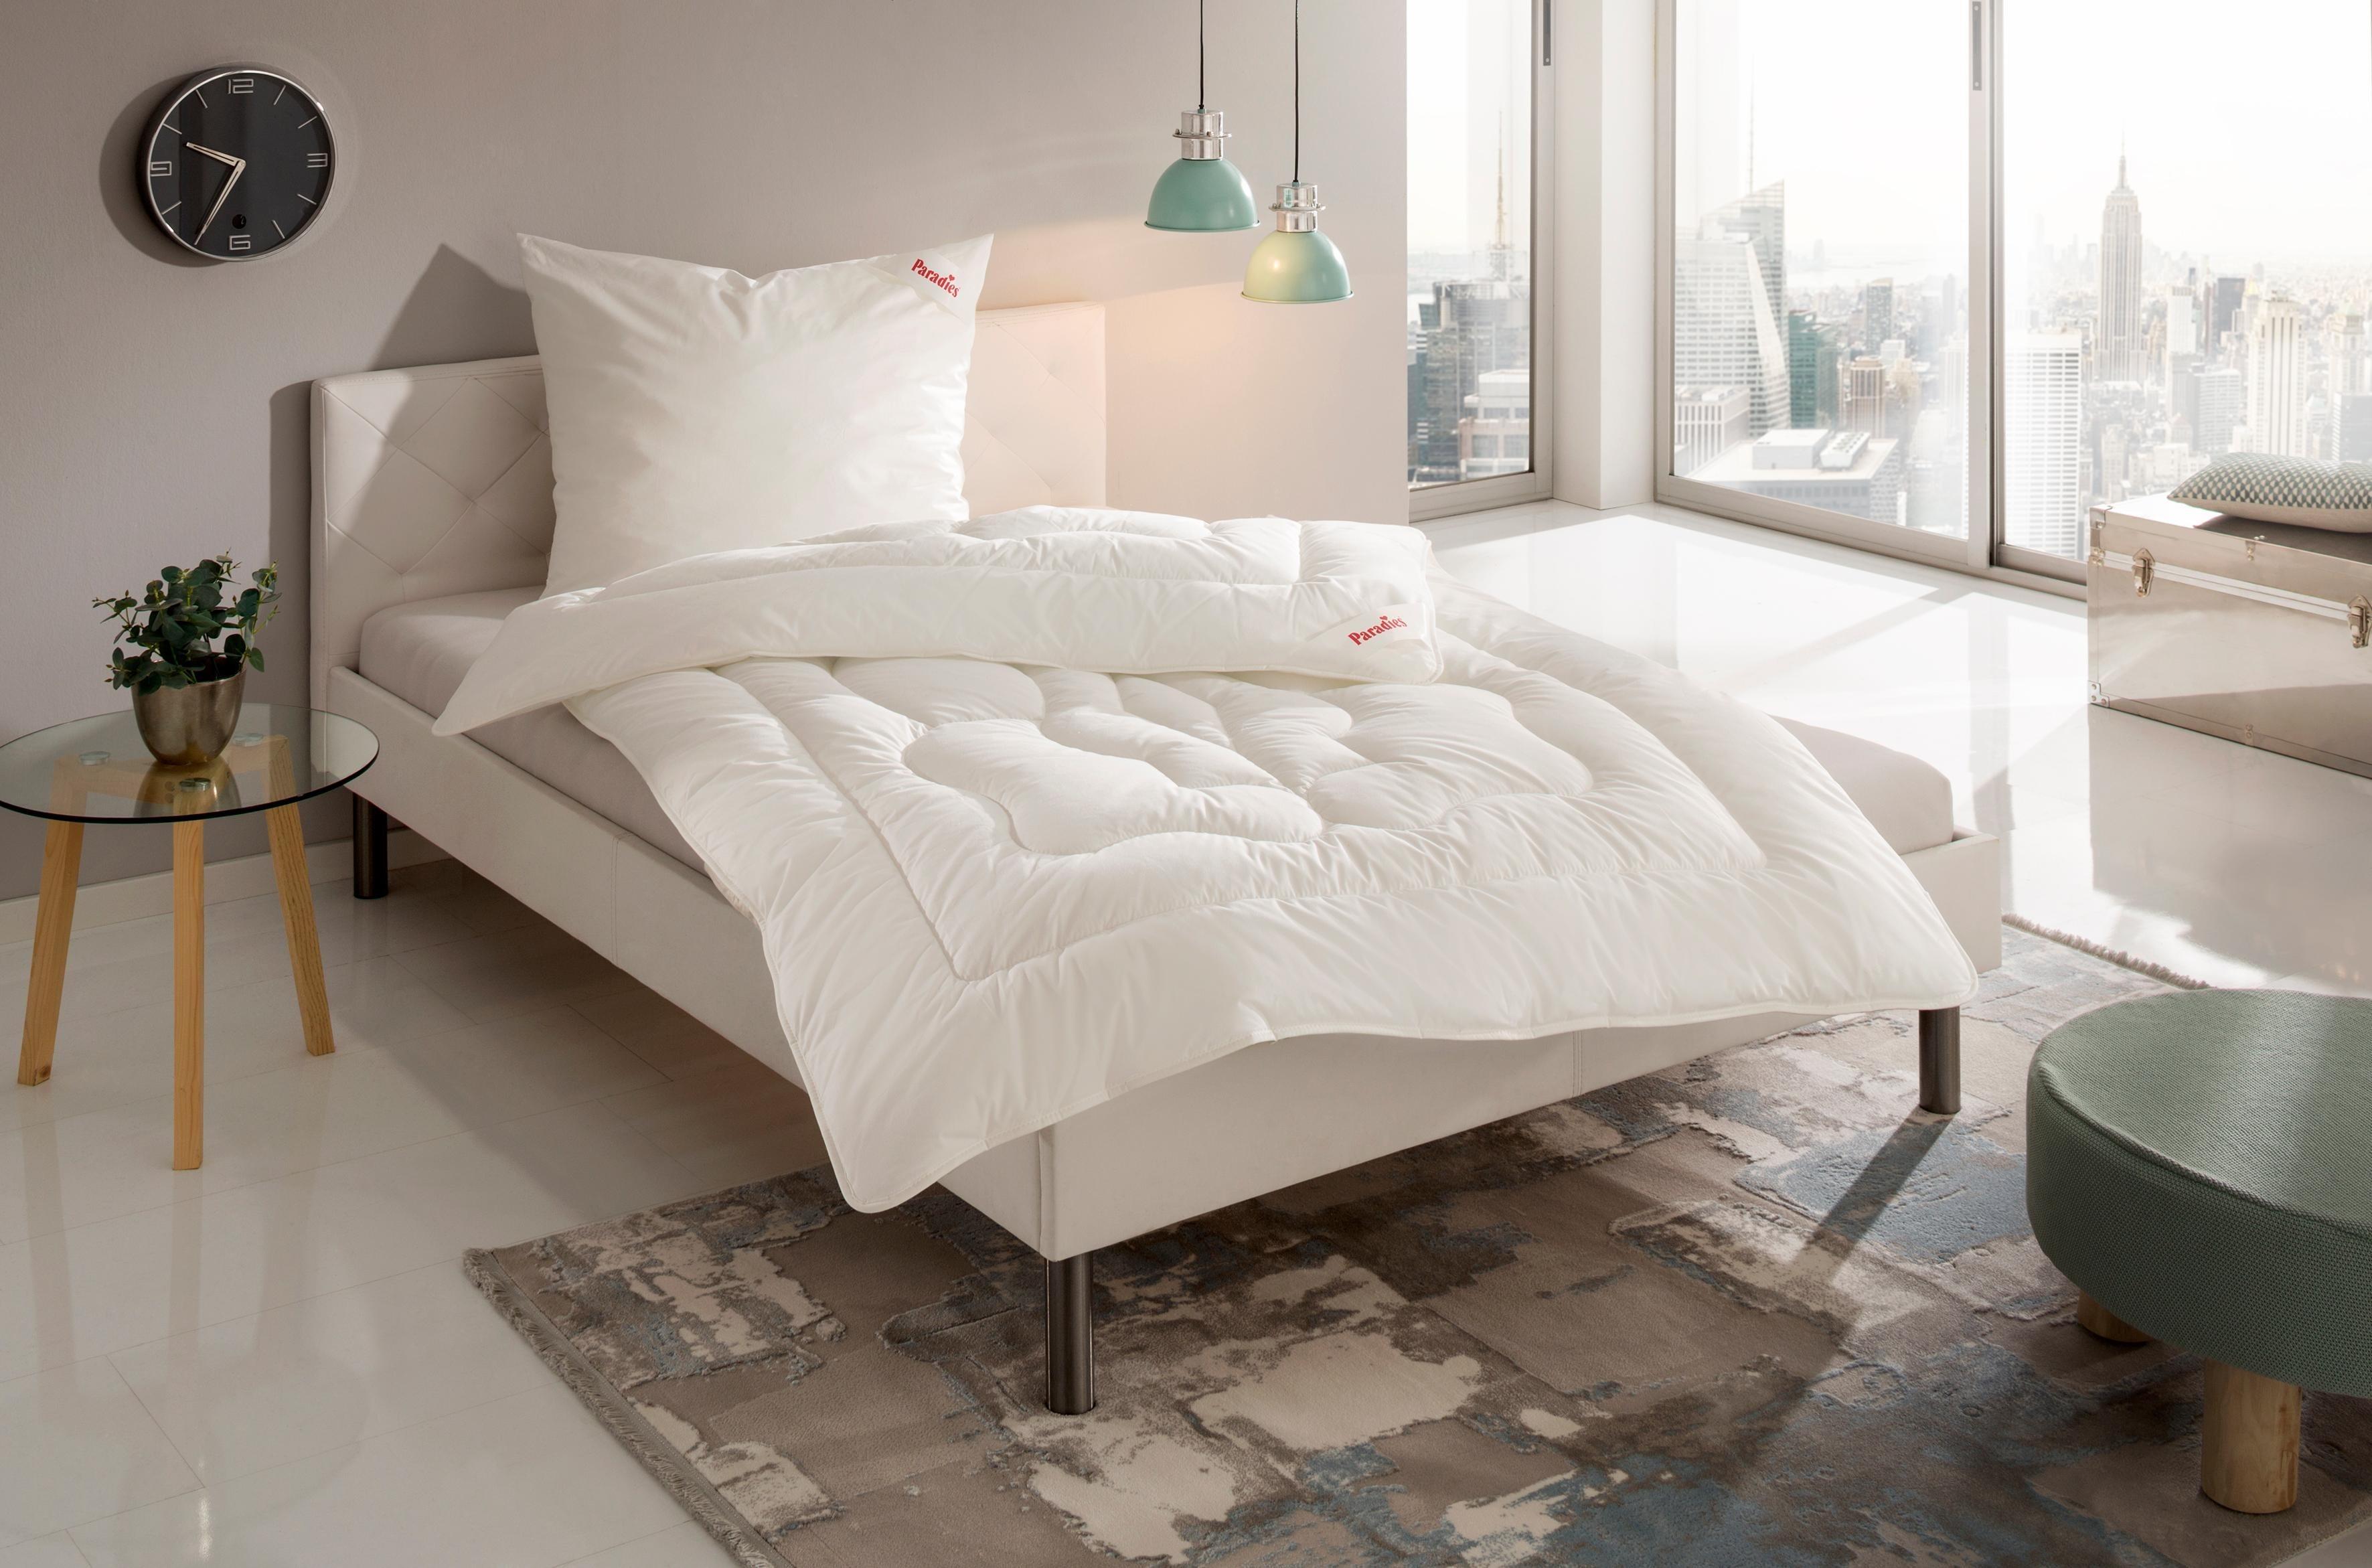 bettdecken kamelhaarflaum tempur bettdecken schlafzimmer. Black Bedroom Furniture Sets. Home Design Ideas